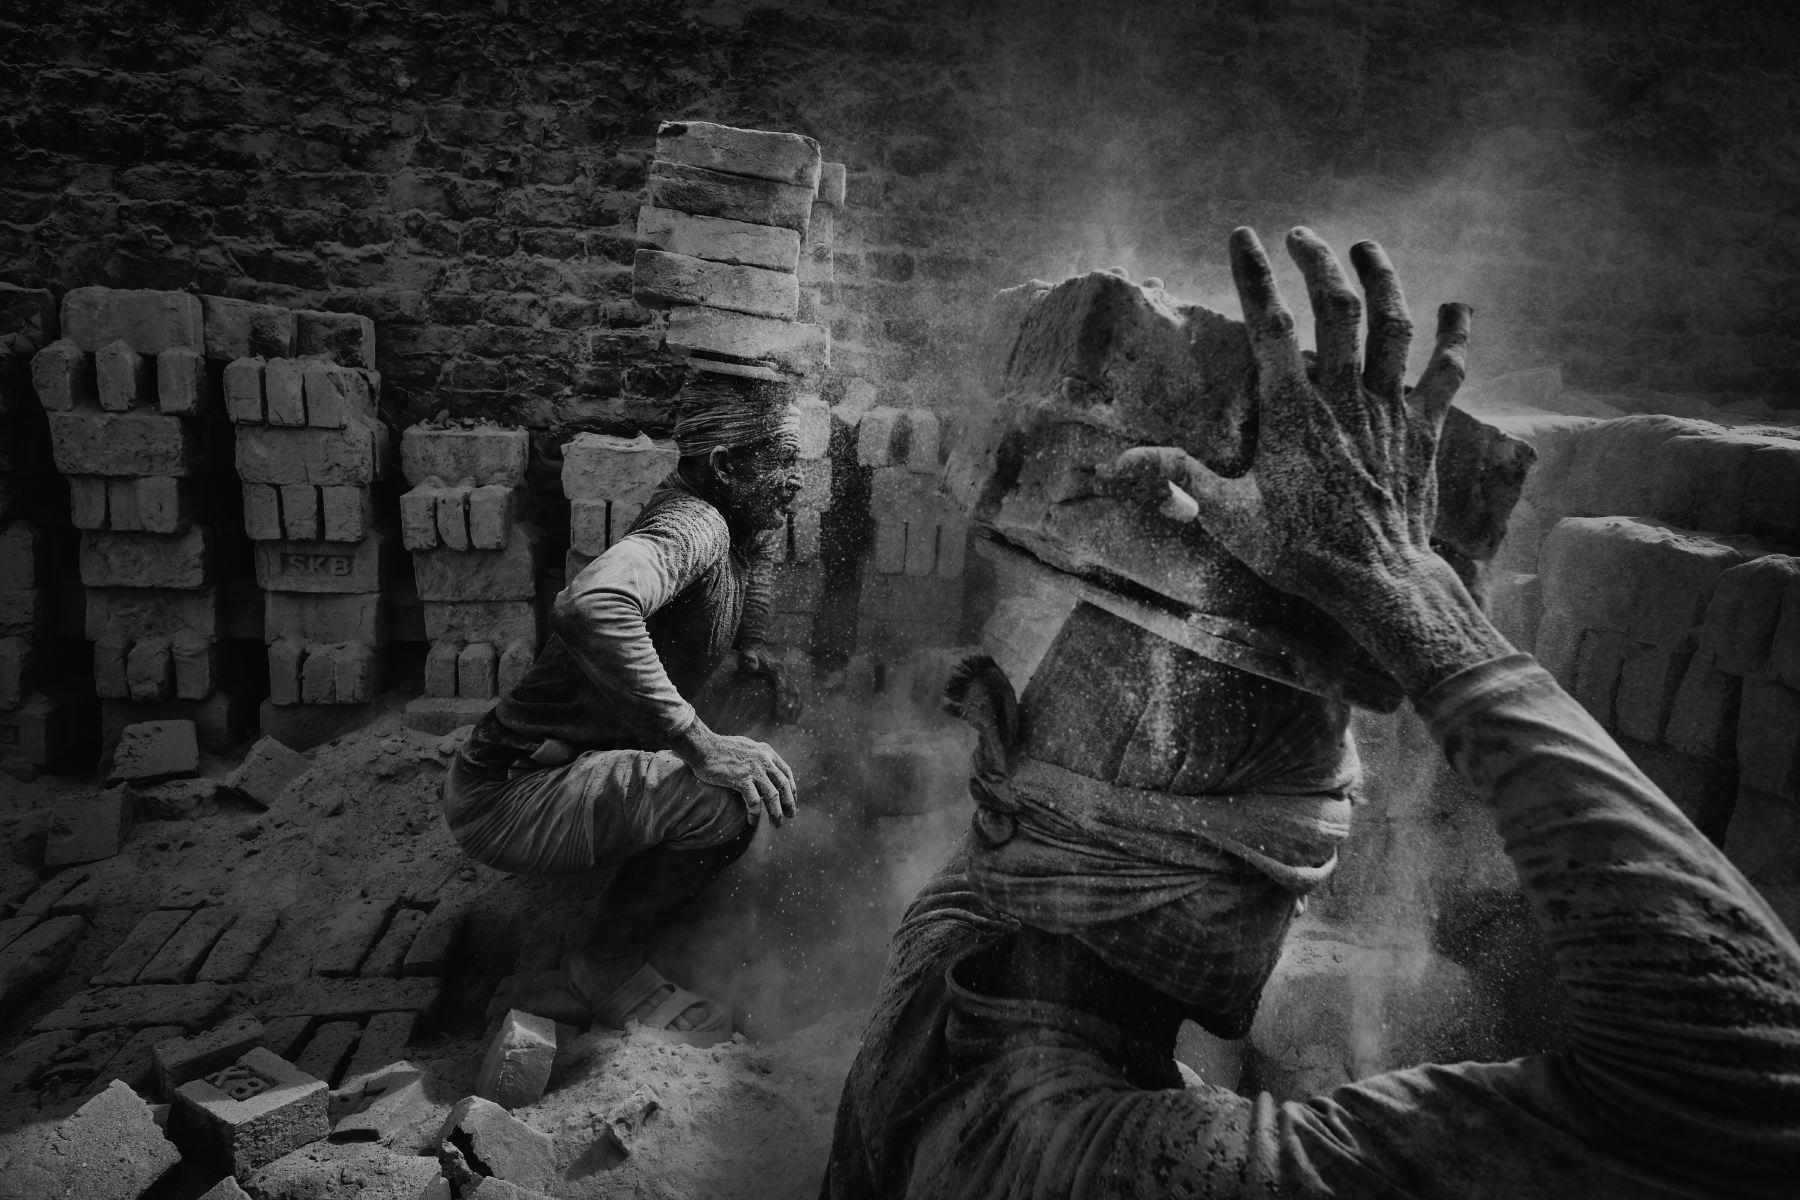 48_Alain_Schroeder_Brick_Prison_01.JPG